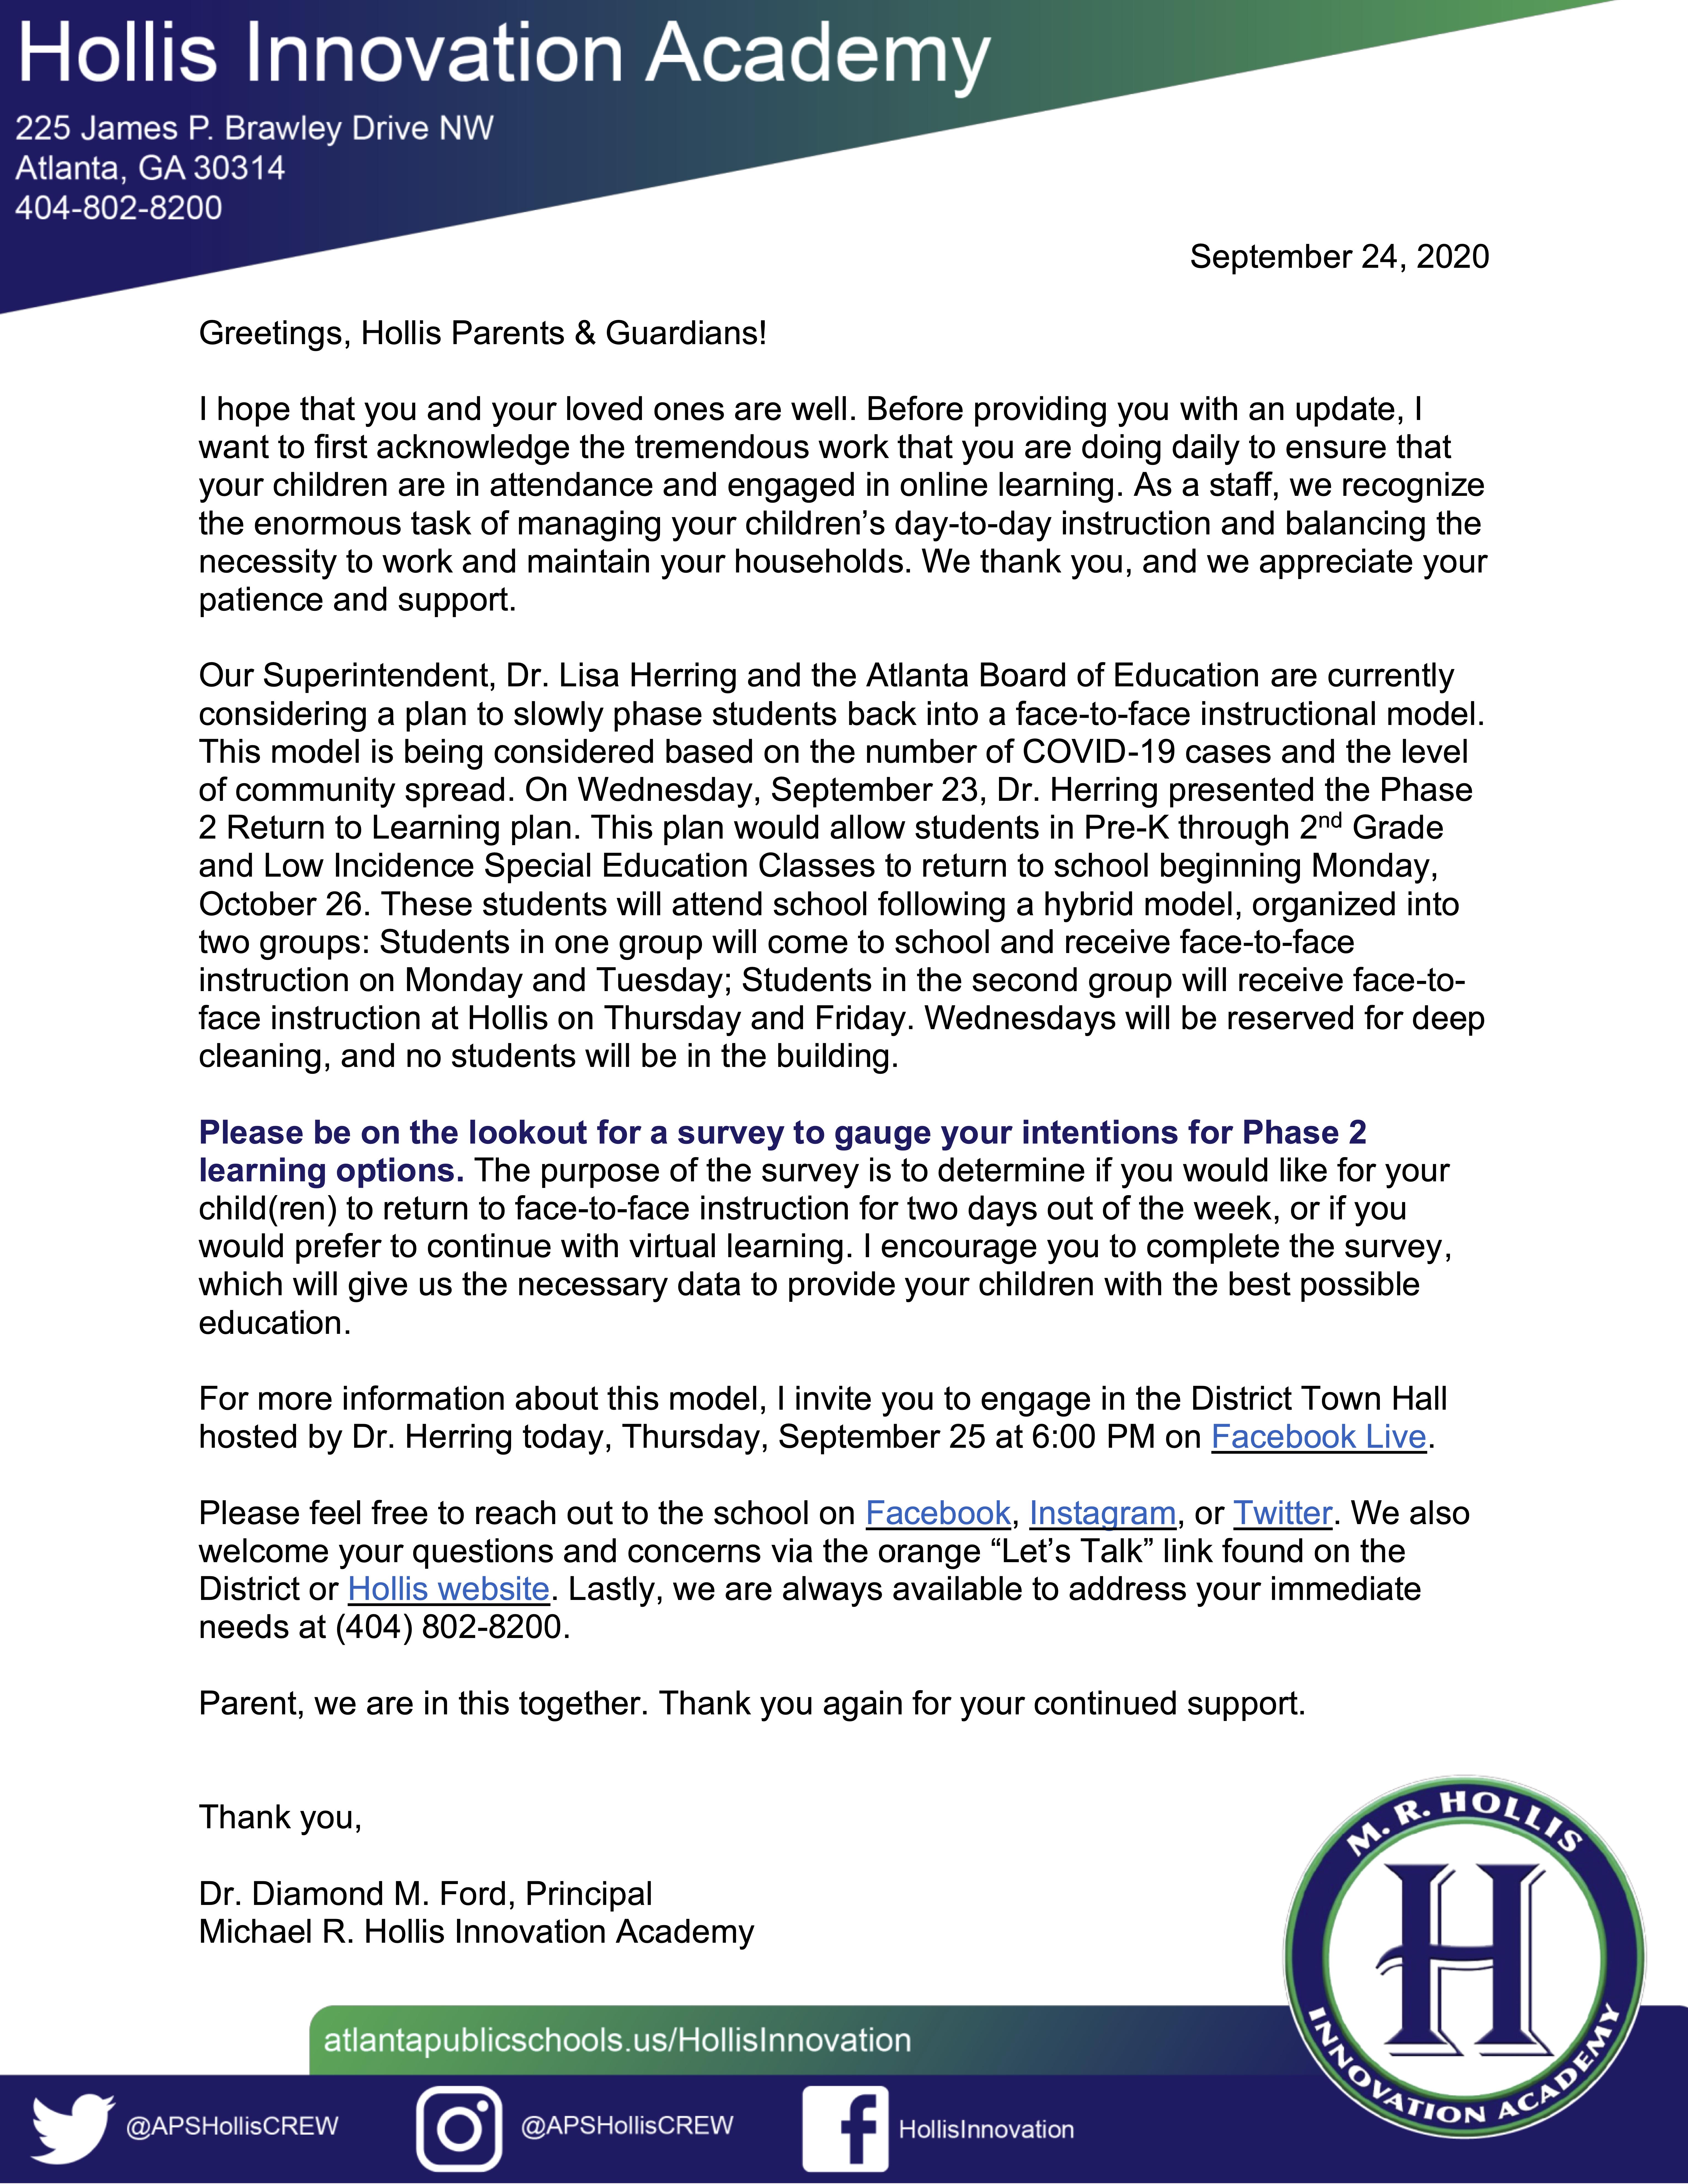 Letter from Dr. Ford, September 24, 2020